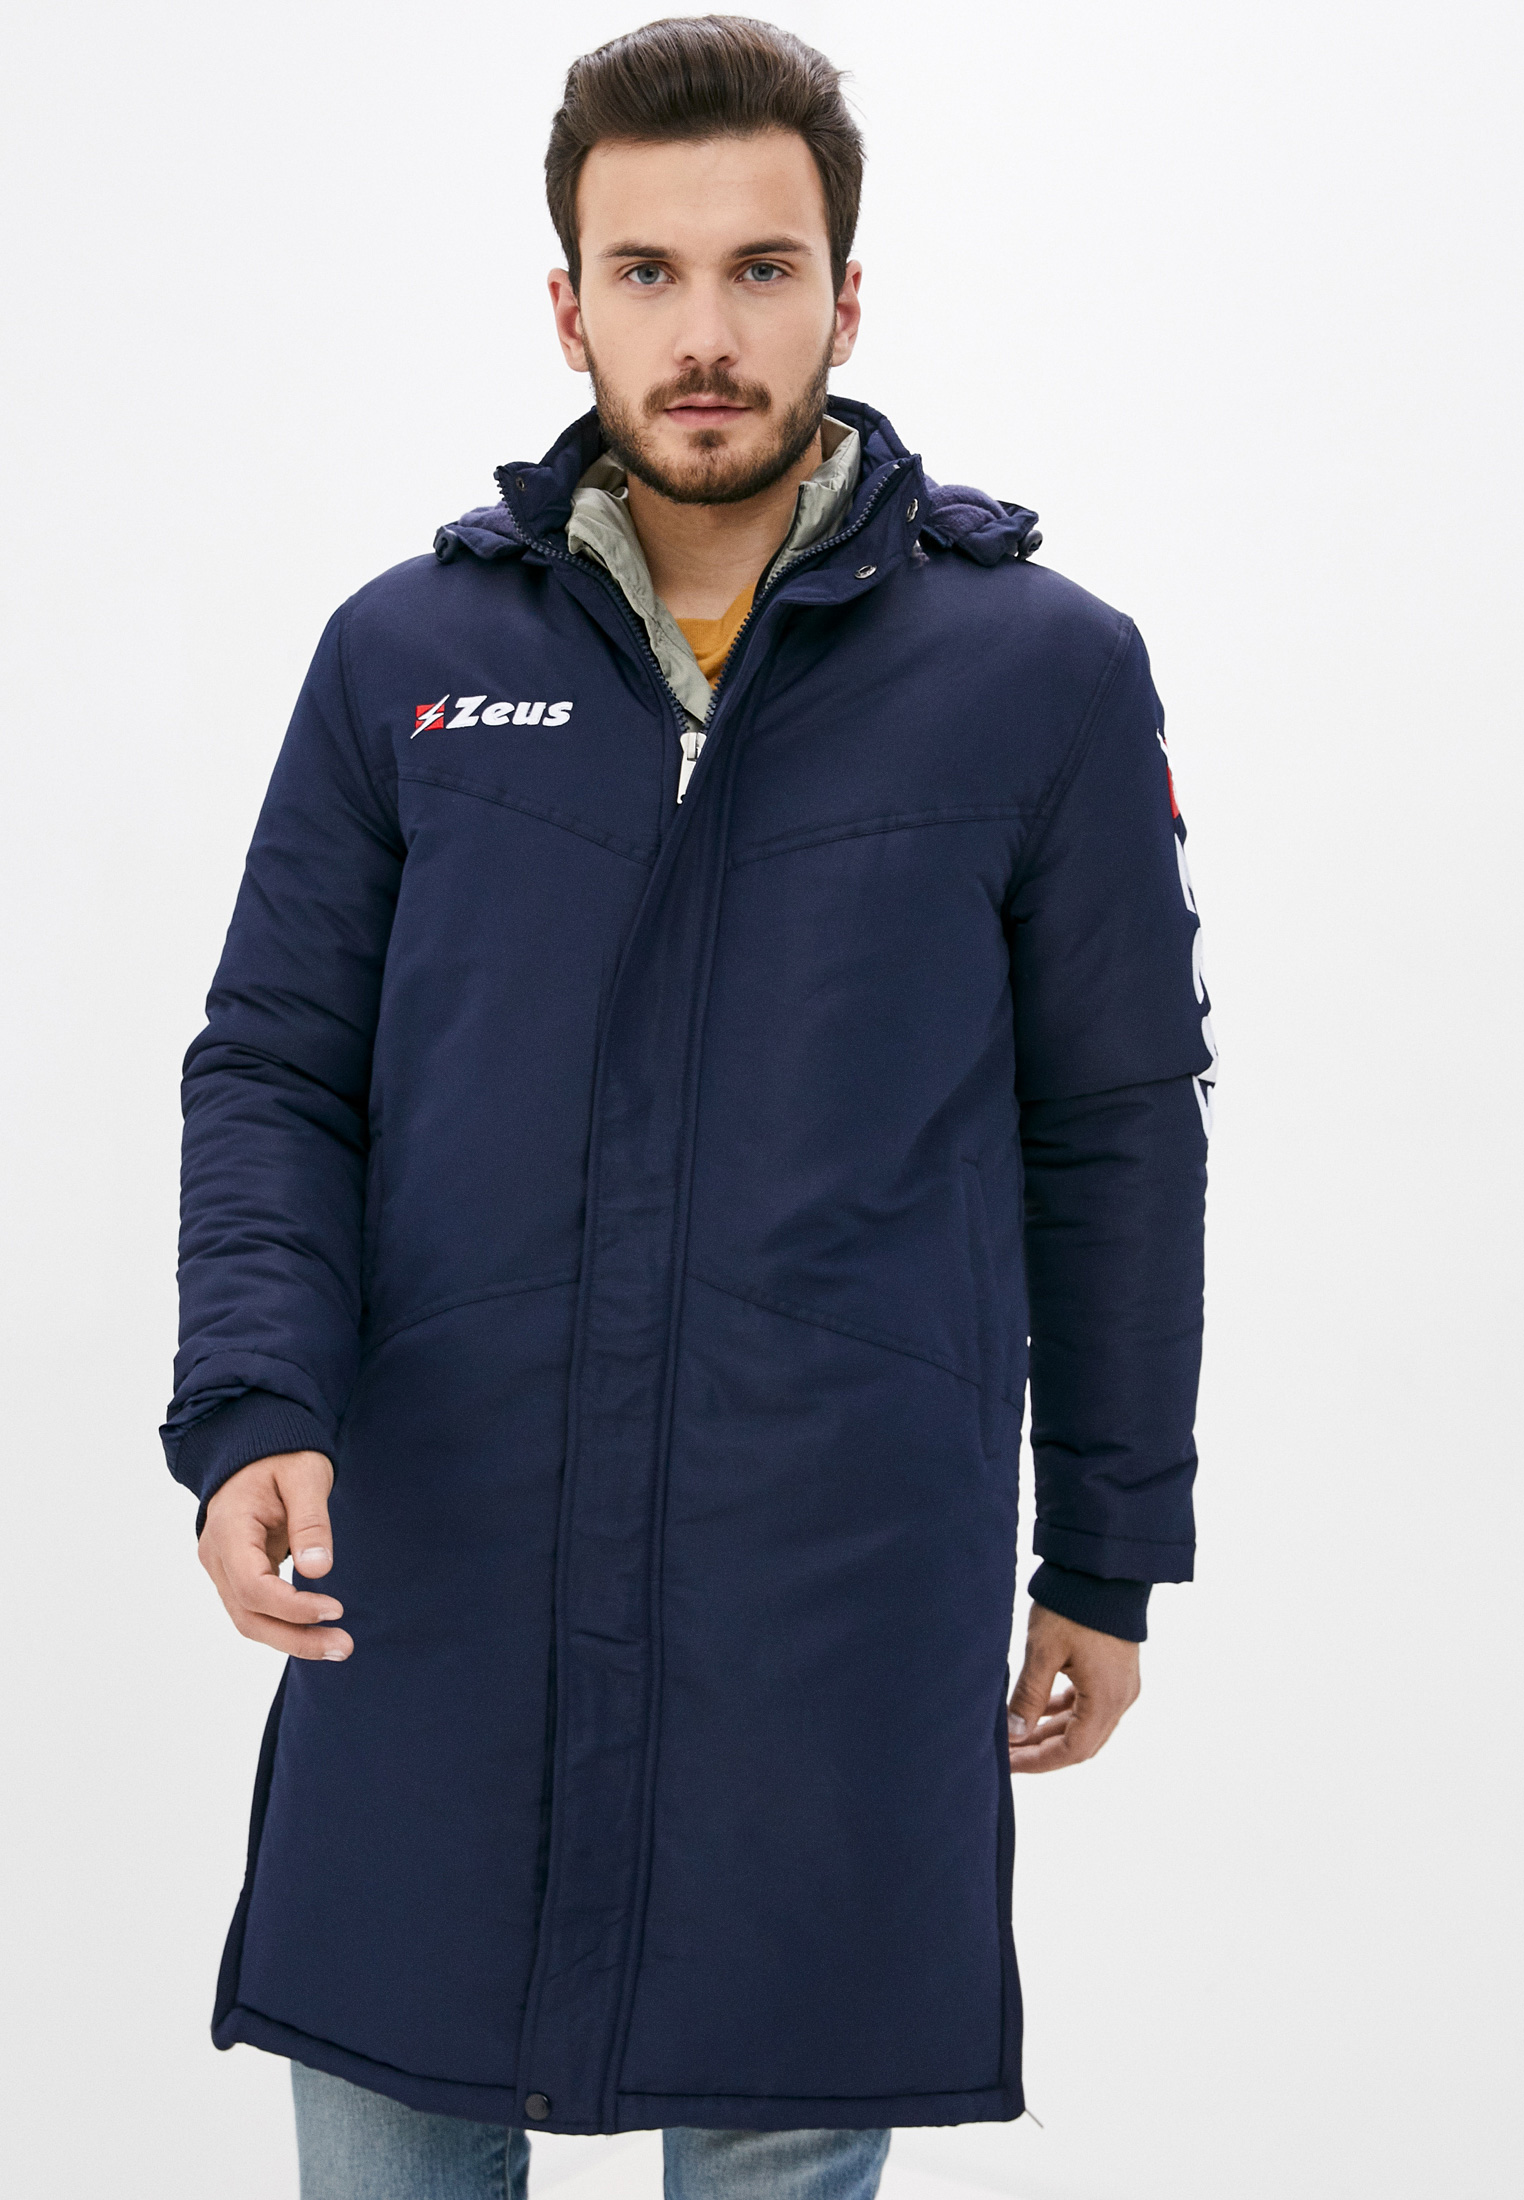 Мужская верхняя одежда Zeus 441320